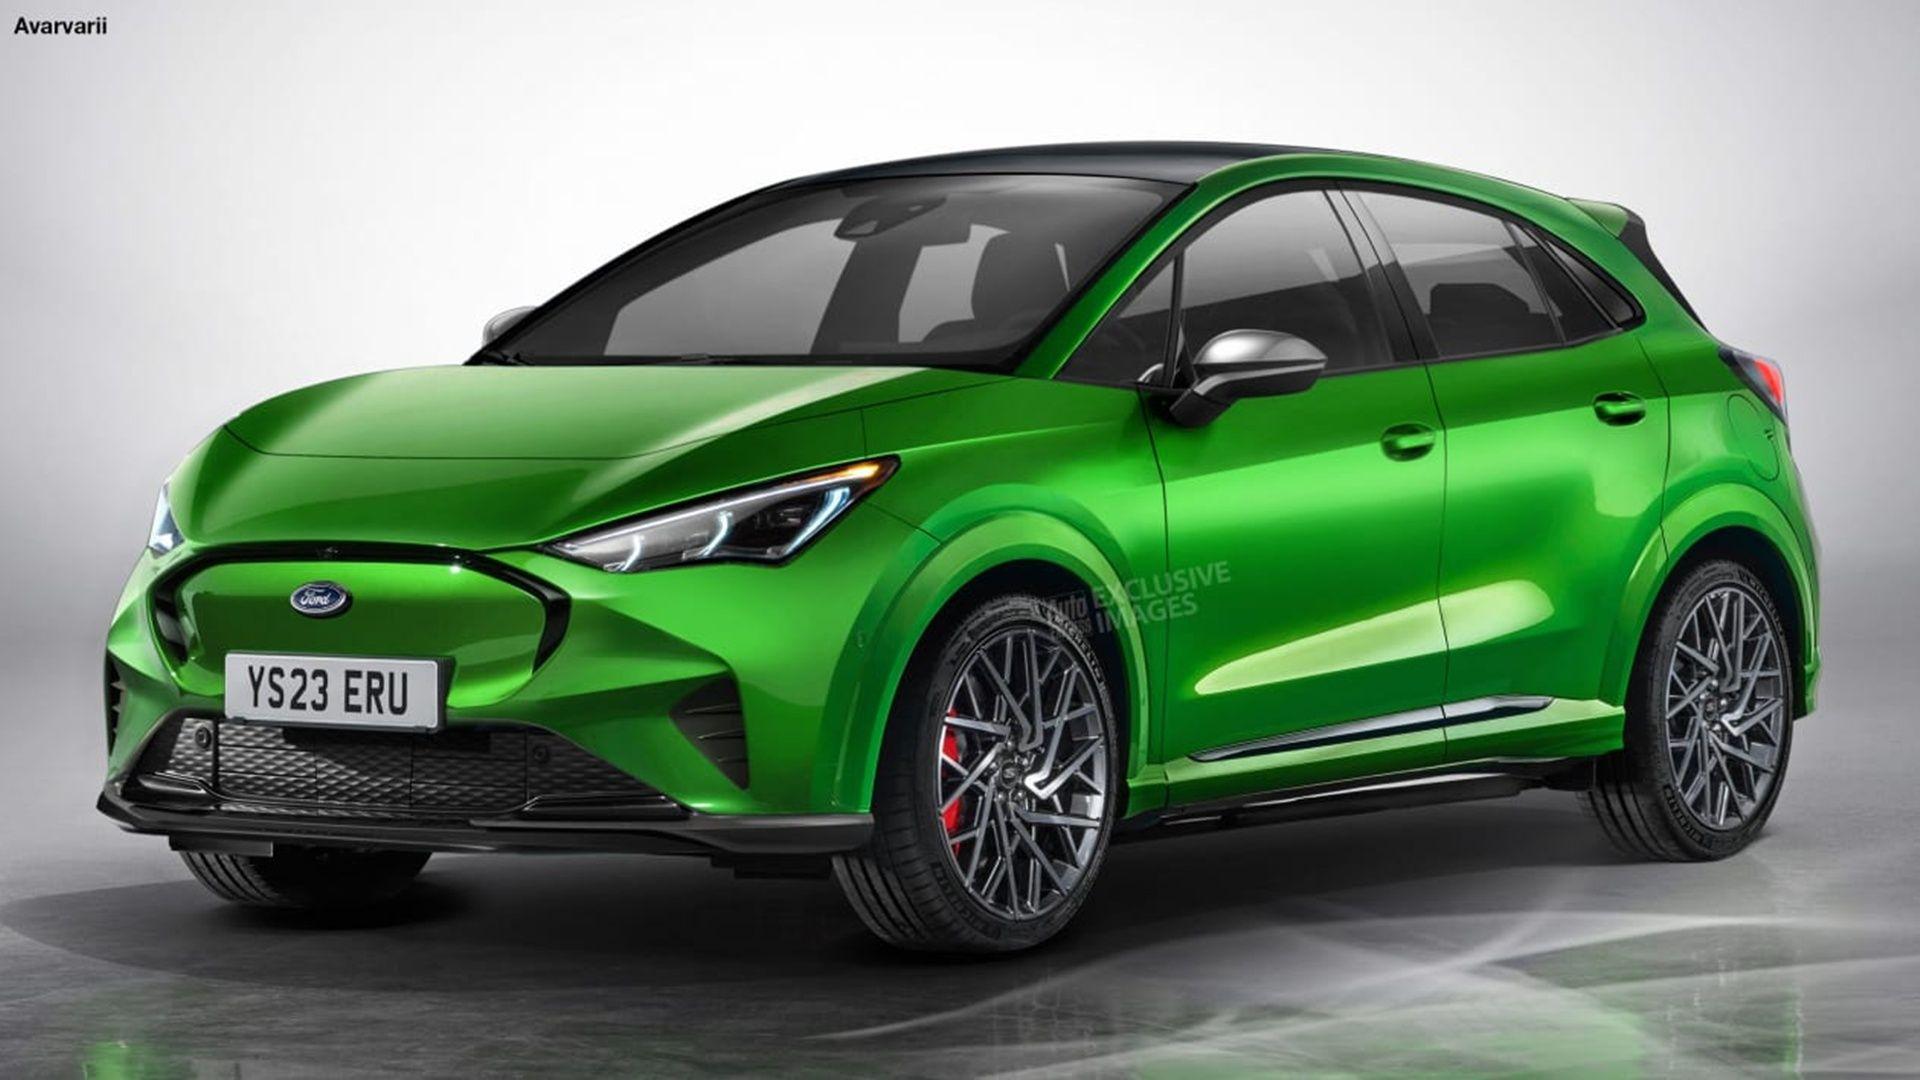 Proyección de cómo podría verse el próximo modelo eléctrico de Ford. Crédito: Auto Express.